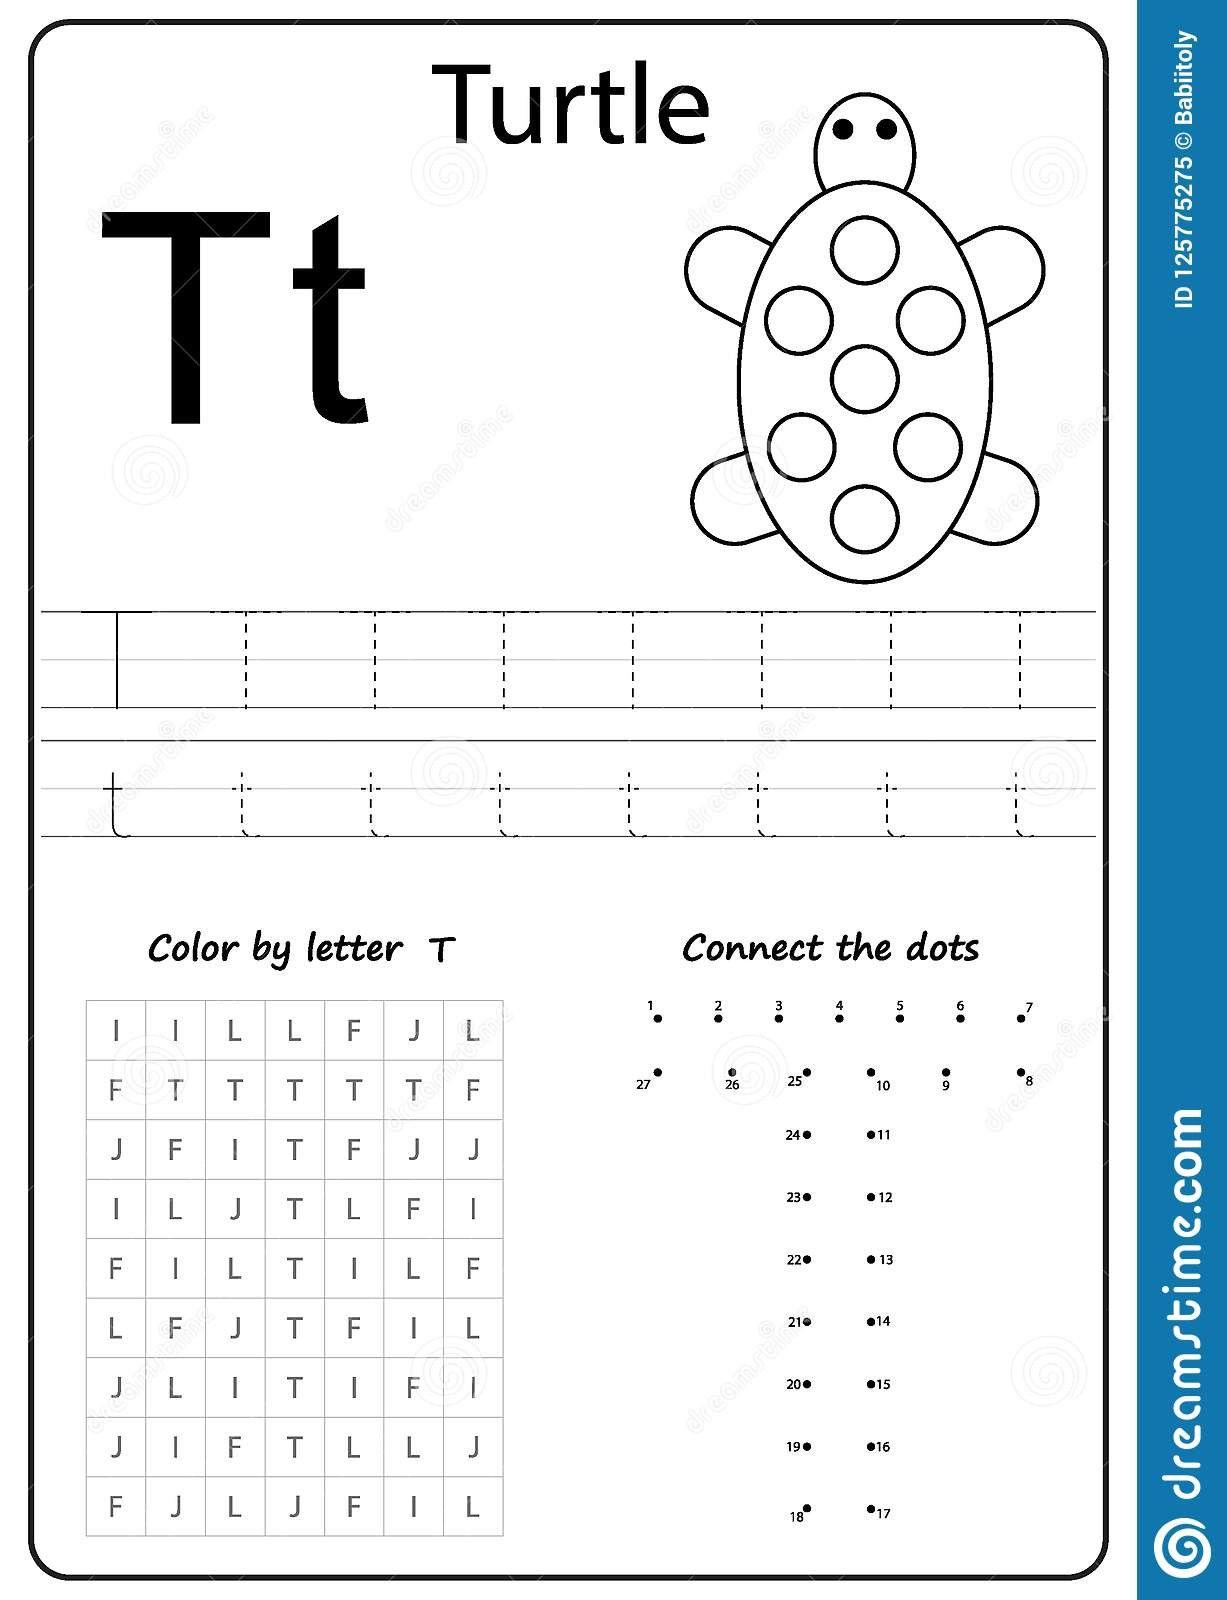 6 Letter Y Writing Practice Worksheet Printable In 2020 Letter T Worksheets Alphabet Worksheets Preschool Writing Practice Worksheets